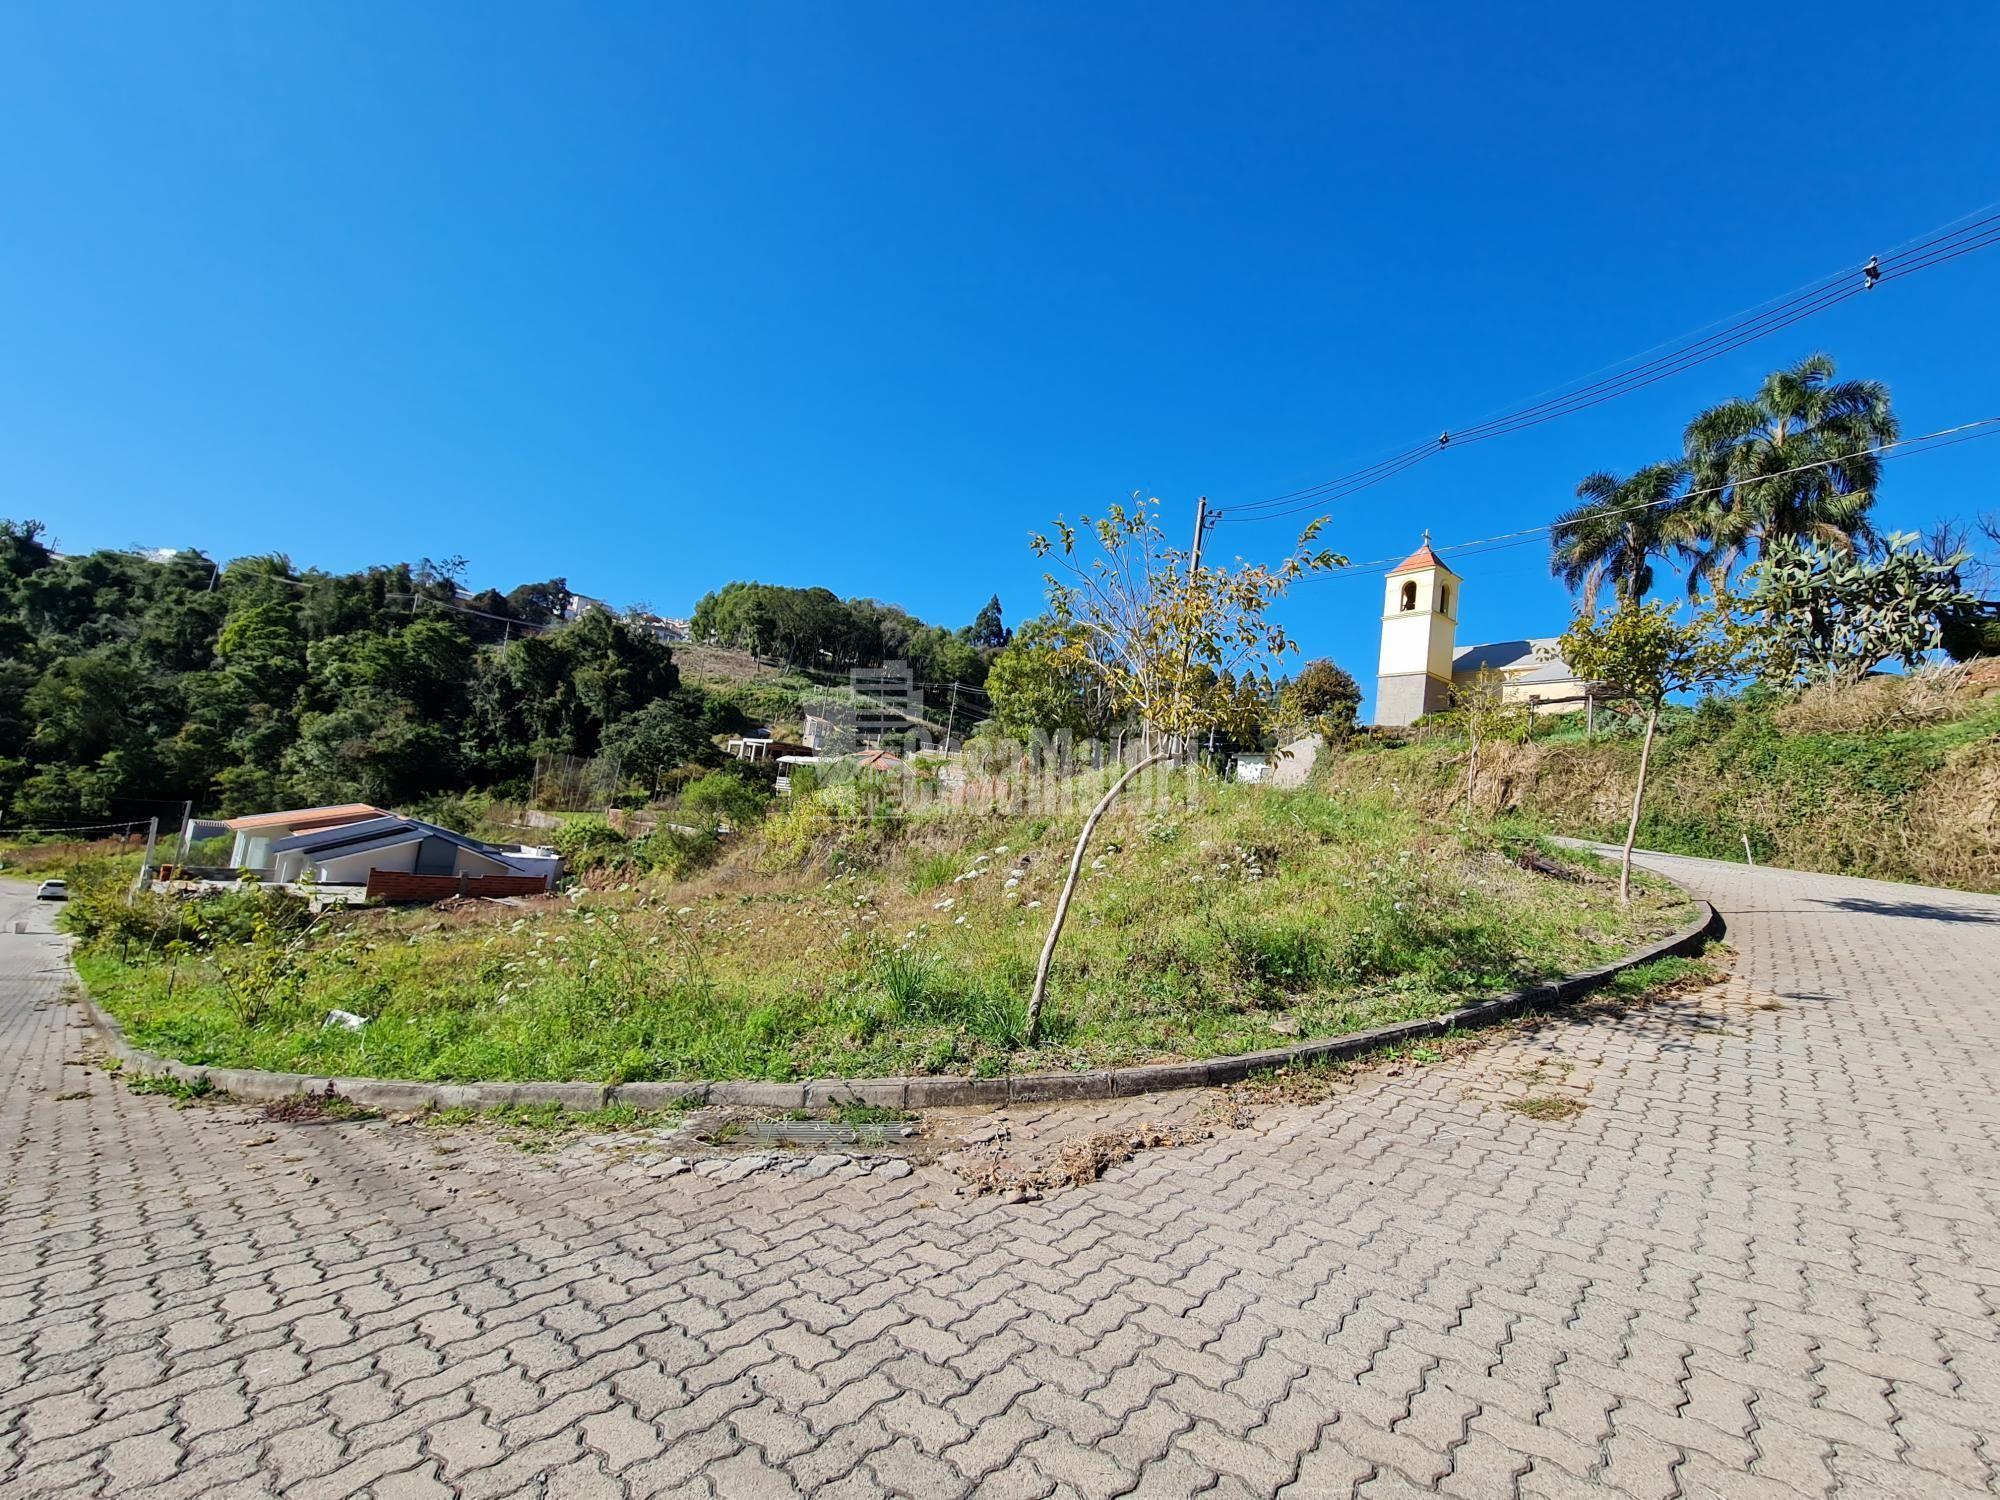 Terreno/Lote à venda, 186 m² por R$ 106.900,00